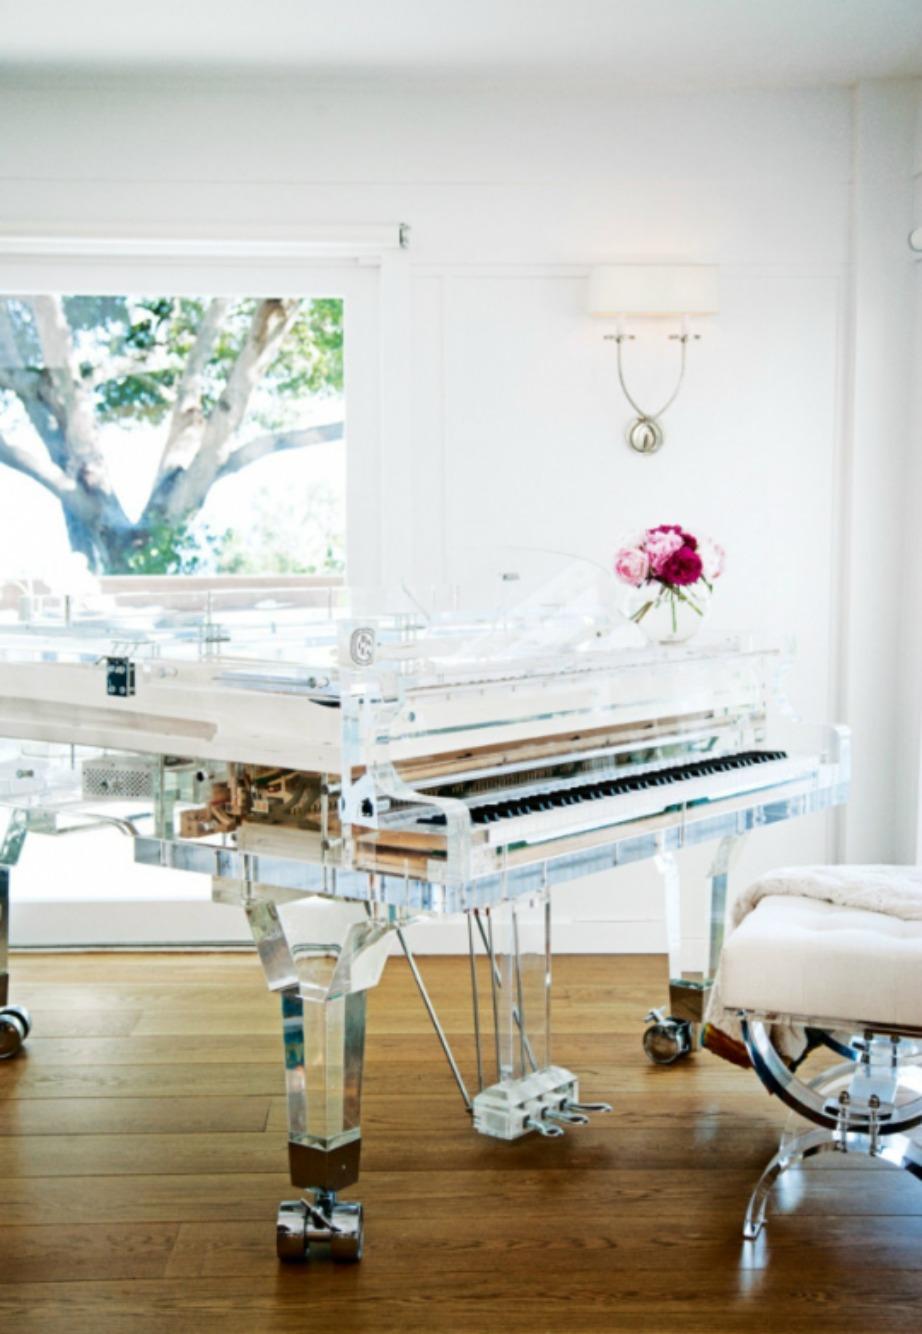 Το υπέροχο custom-made πιάνο του μοντέλου.